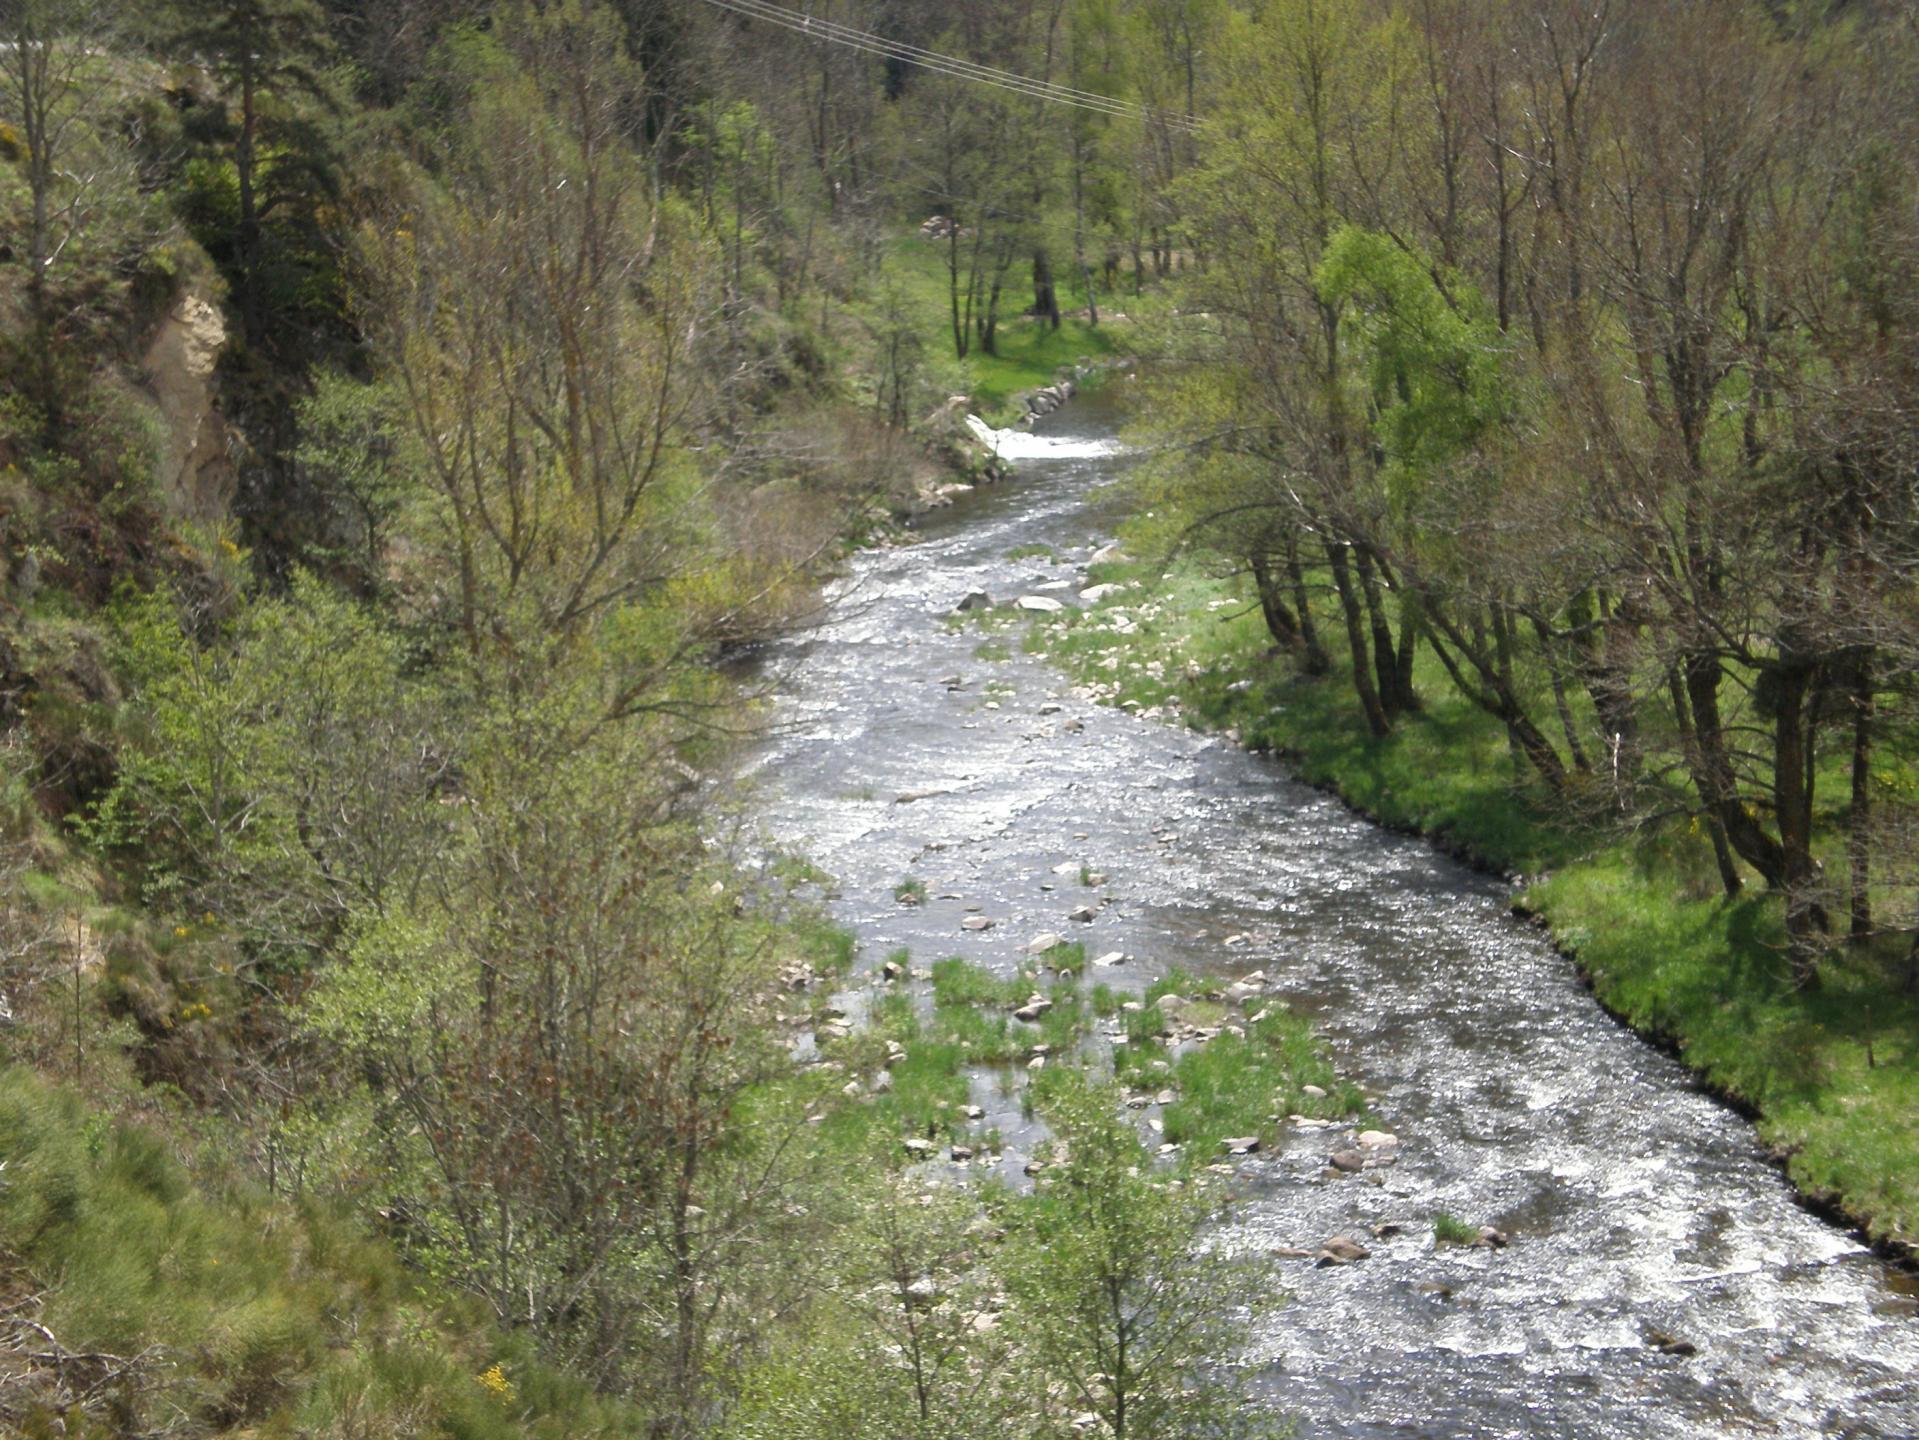 La rivière Le Chapeauroux